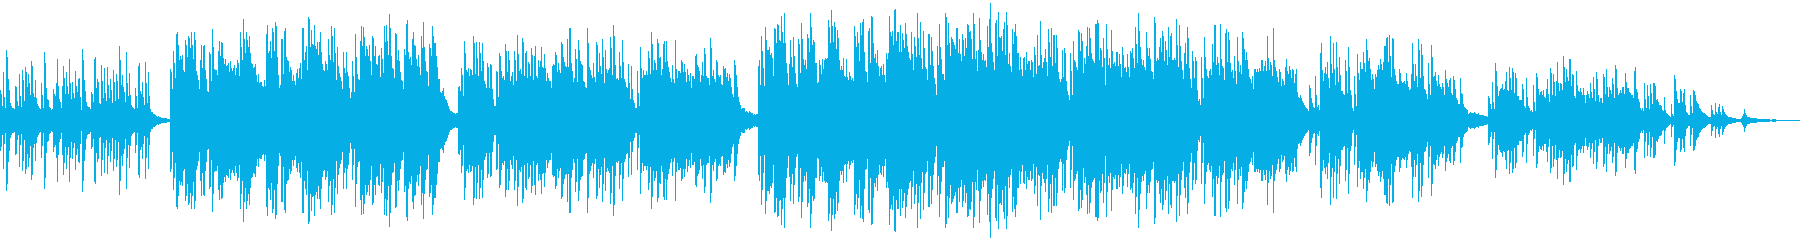 叙情的ピアノソロ曲の再生済みの波形